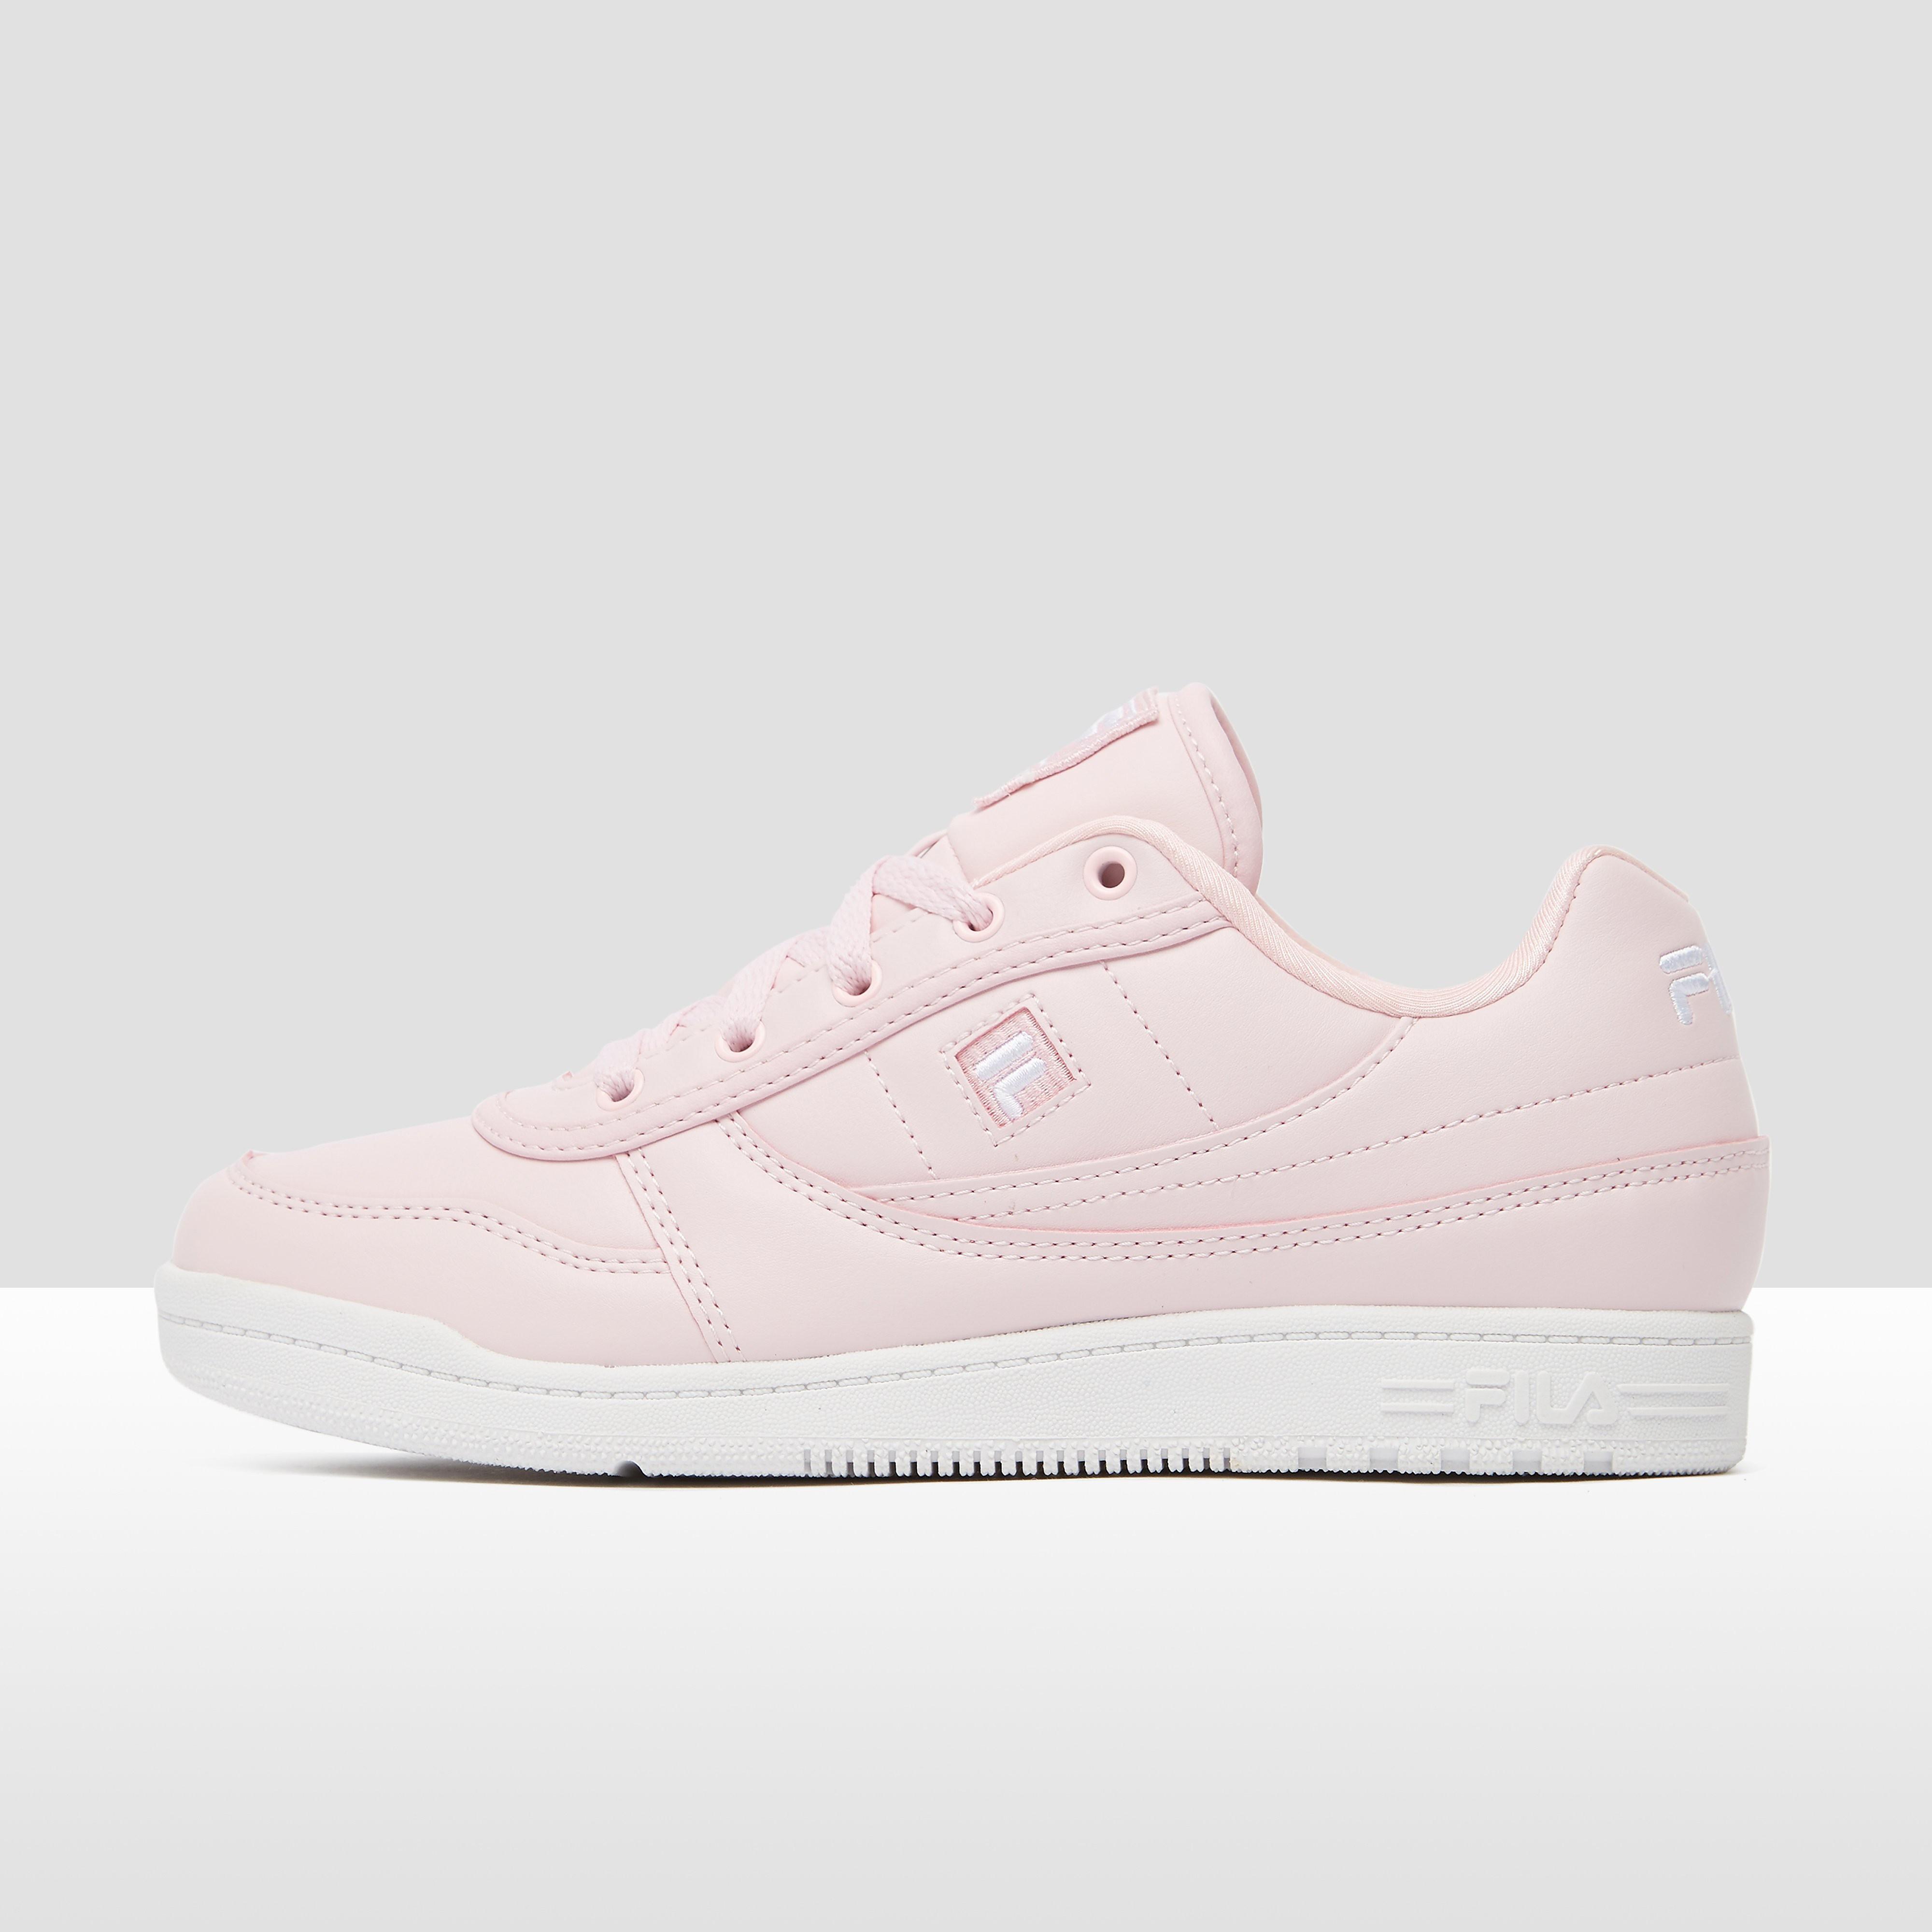 FILA Bbn 84 low sneakers roze dames Dames